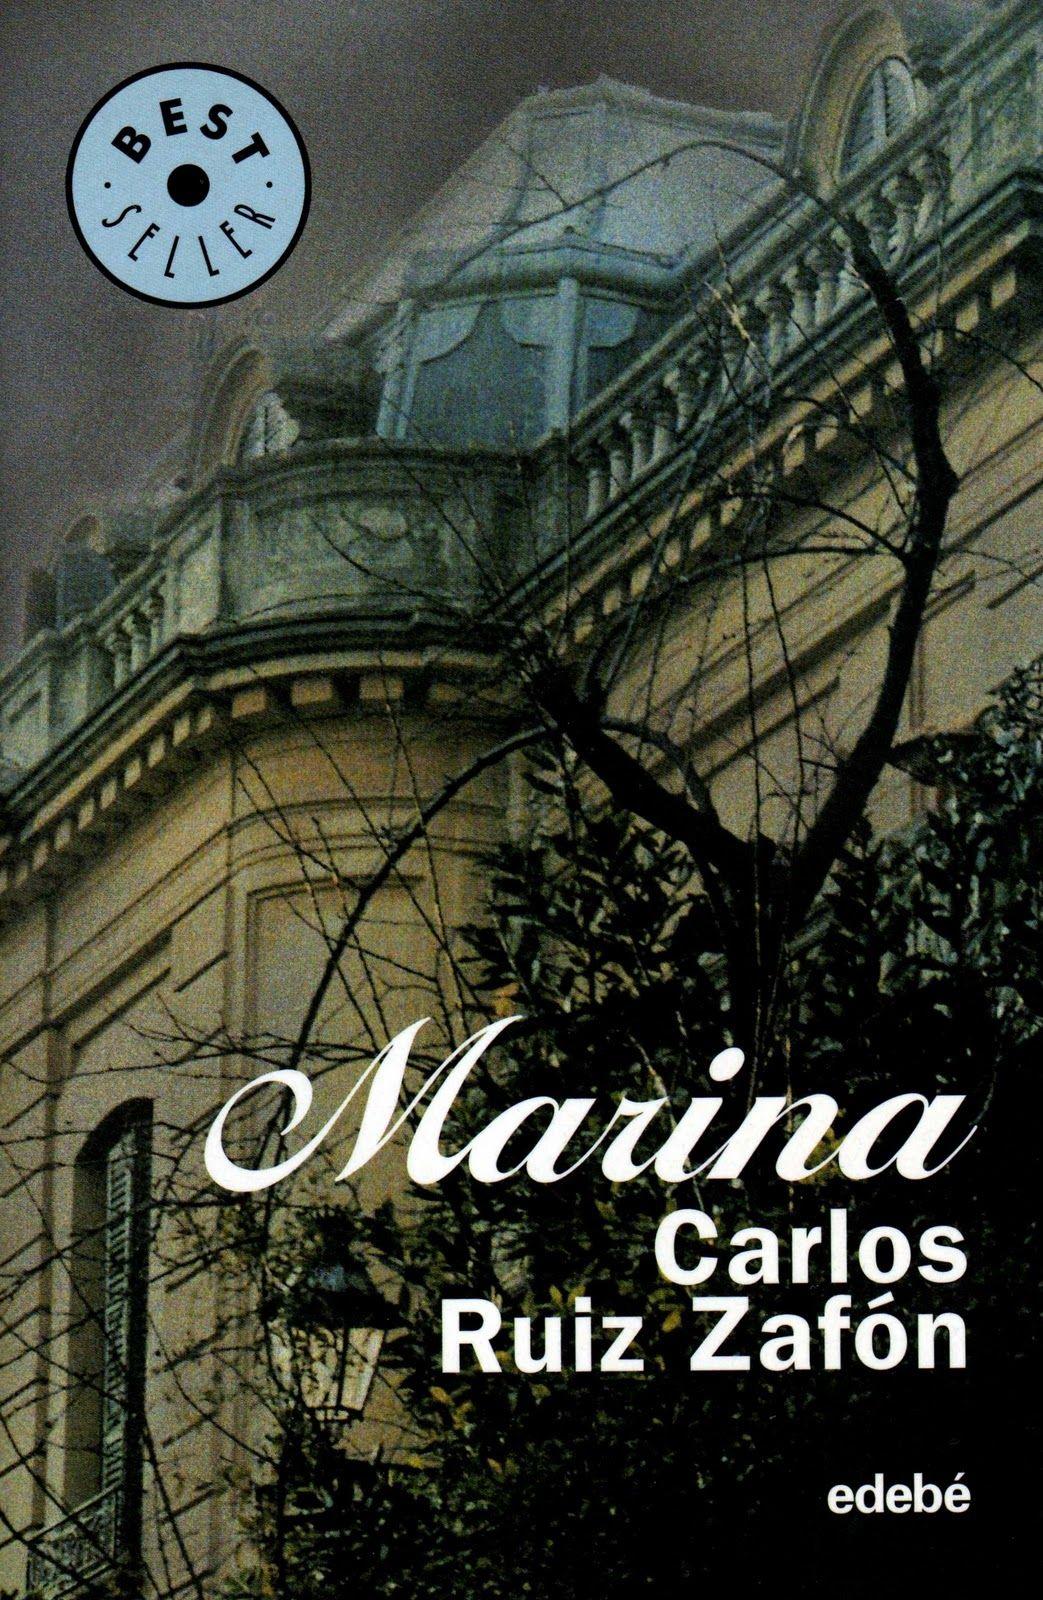 Great Carlos Ruiz Zafon Cuarto Libro Images >> Marina De Carlos Ruiz ...